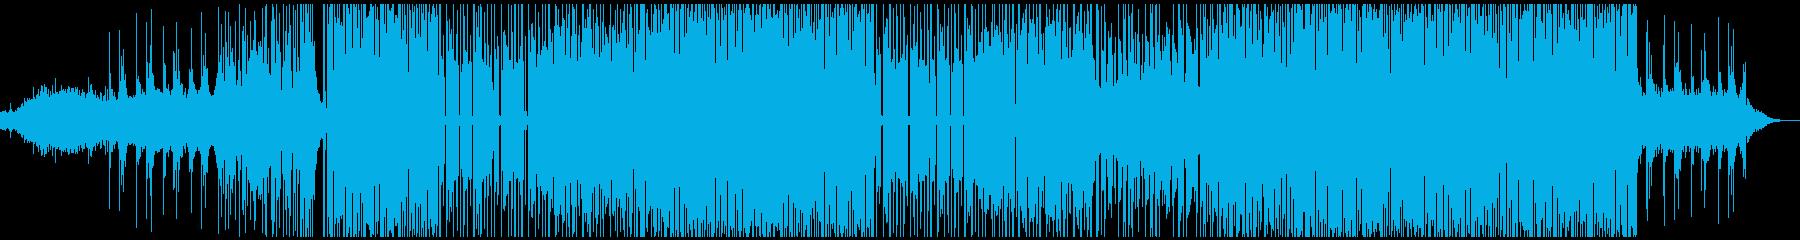 おしゃれで不思議なエレクトロダンスポップの再生済みの波形